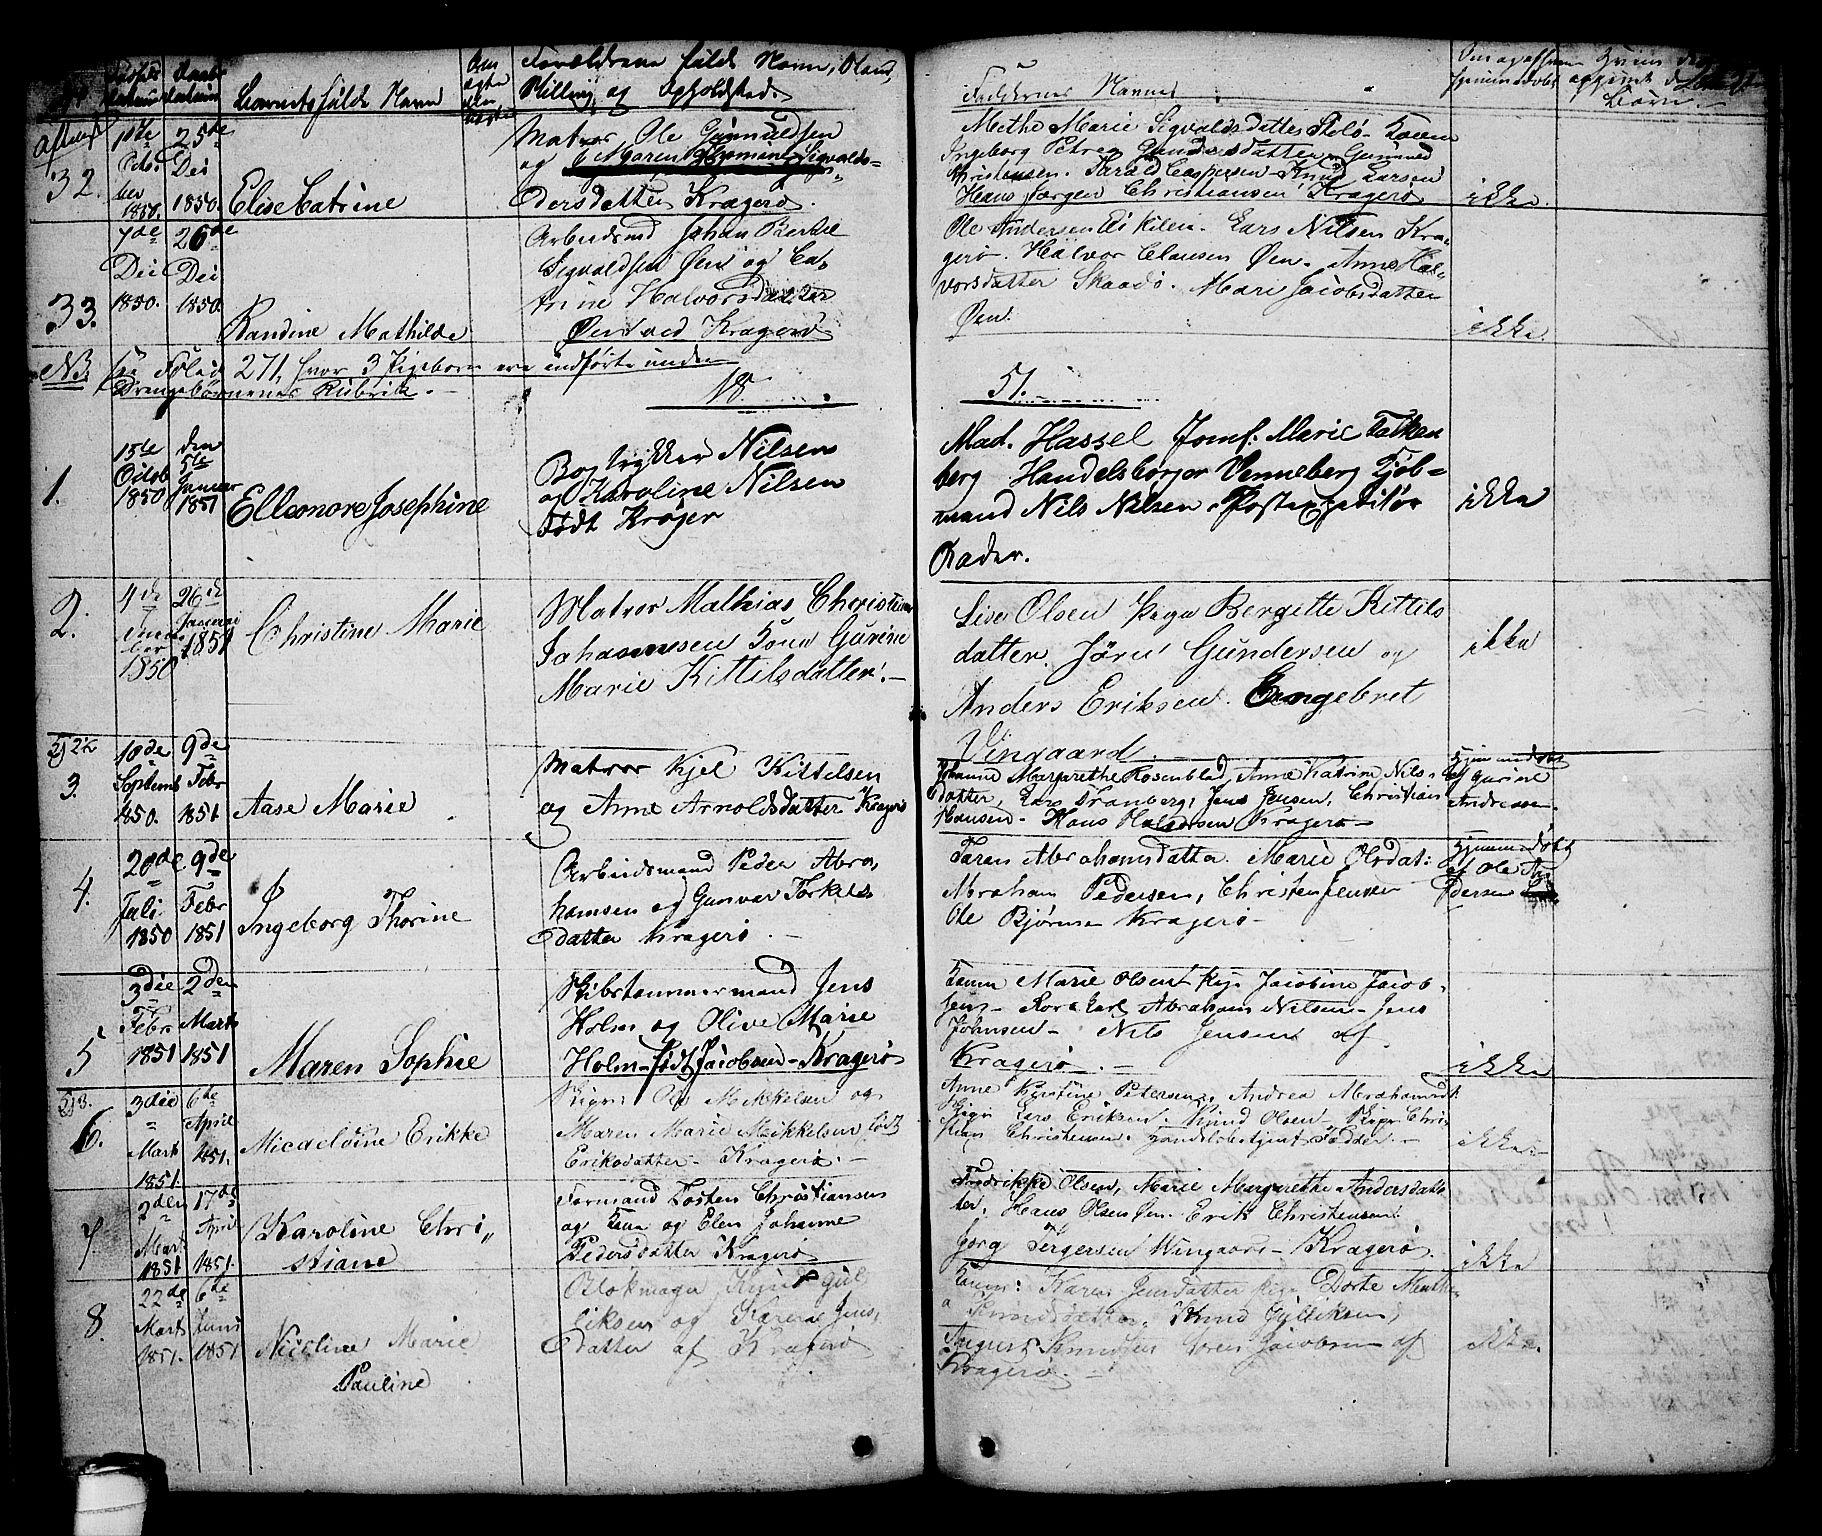 SAKO, Kragerø kirkebøker, G/Ga/L0003: Klokkerbok nr. 3, 1832-1852, s. 243